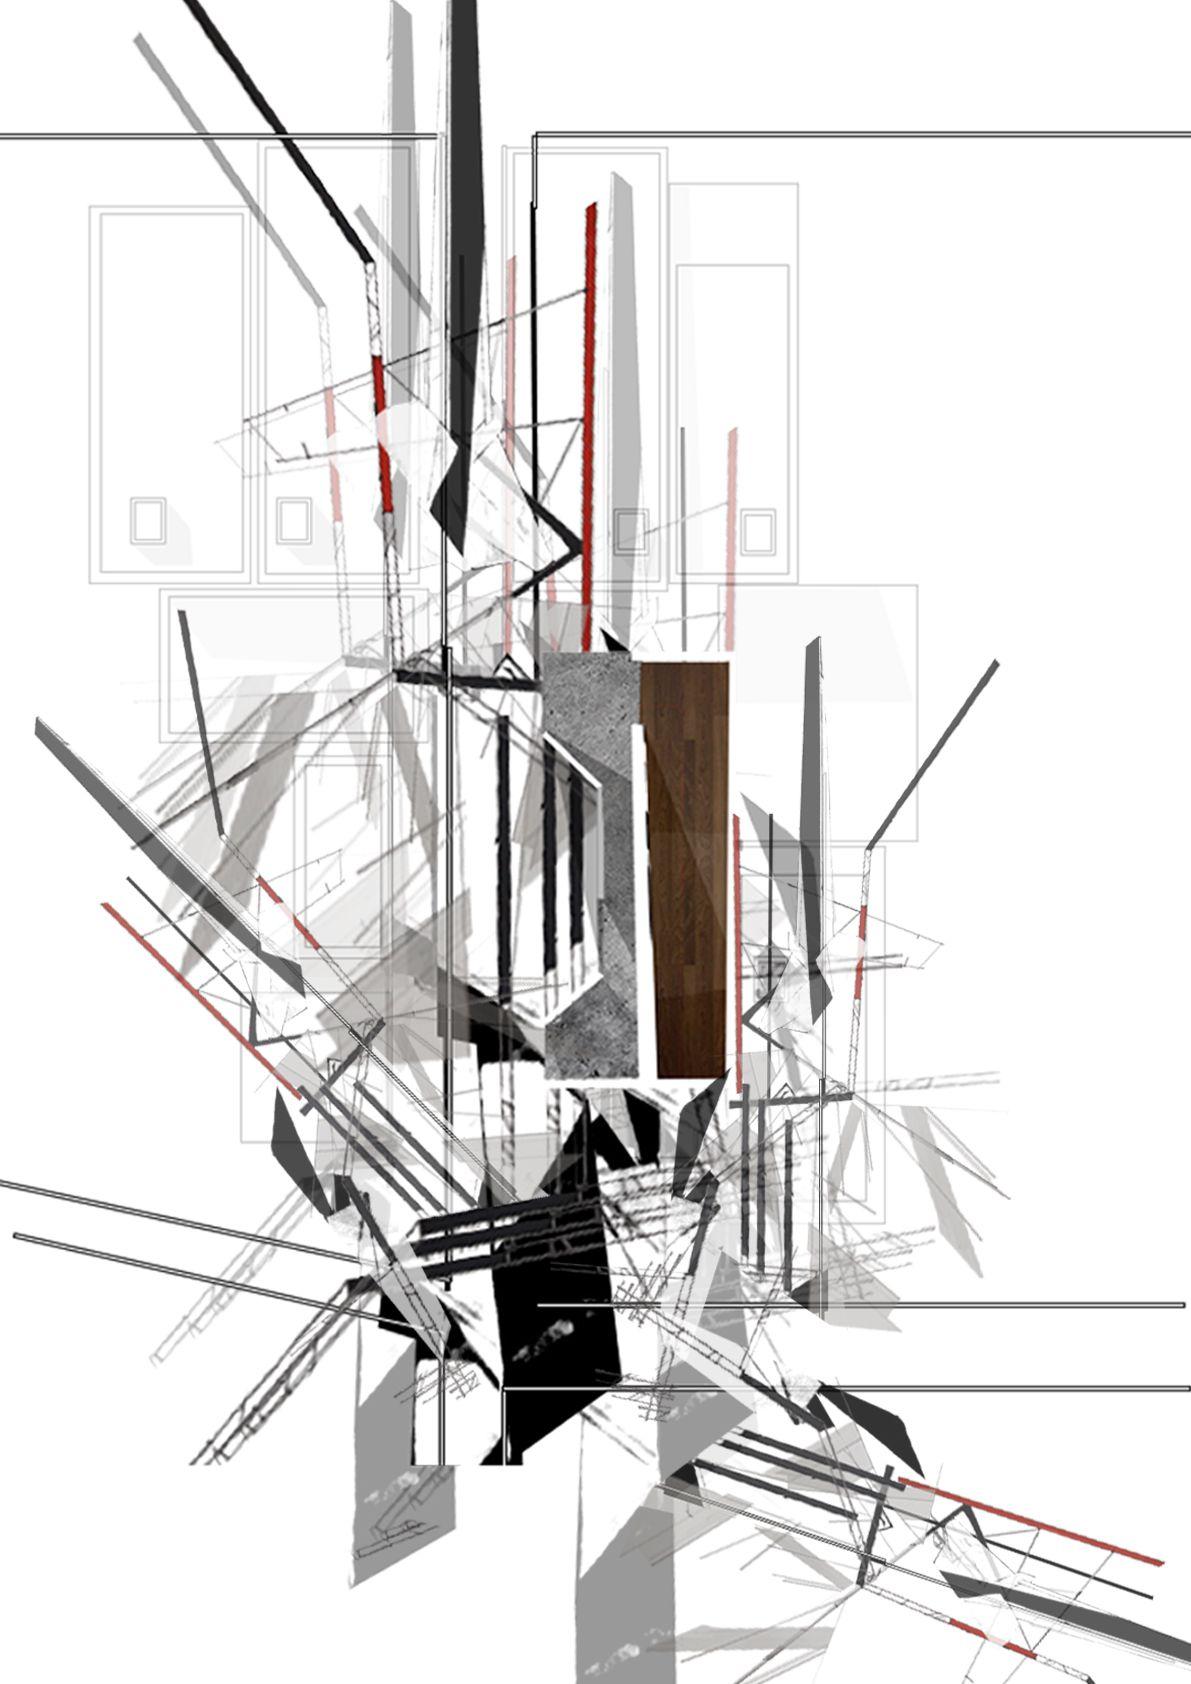 Deconstructive Injection Architecture Diagram